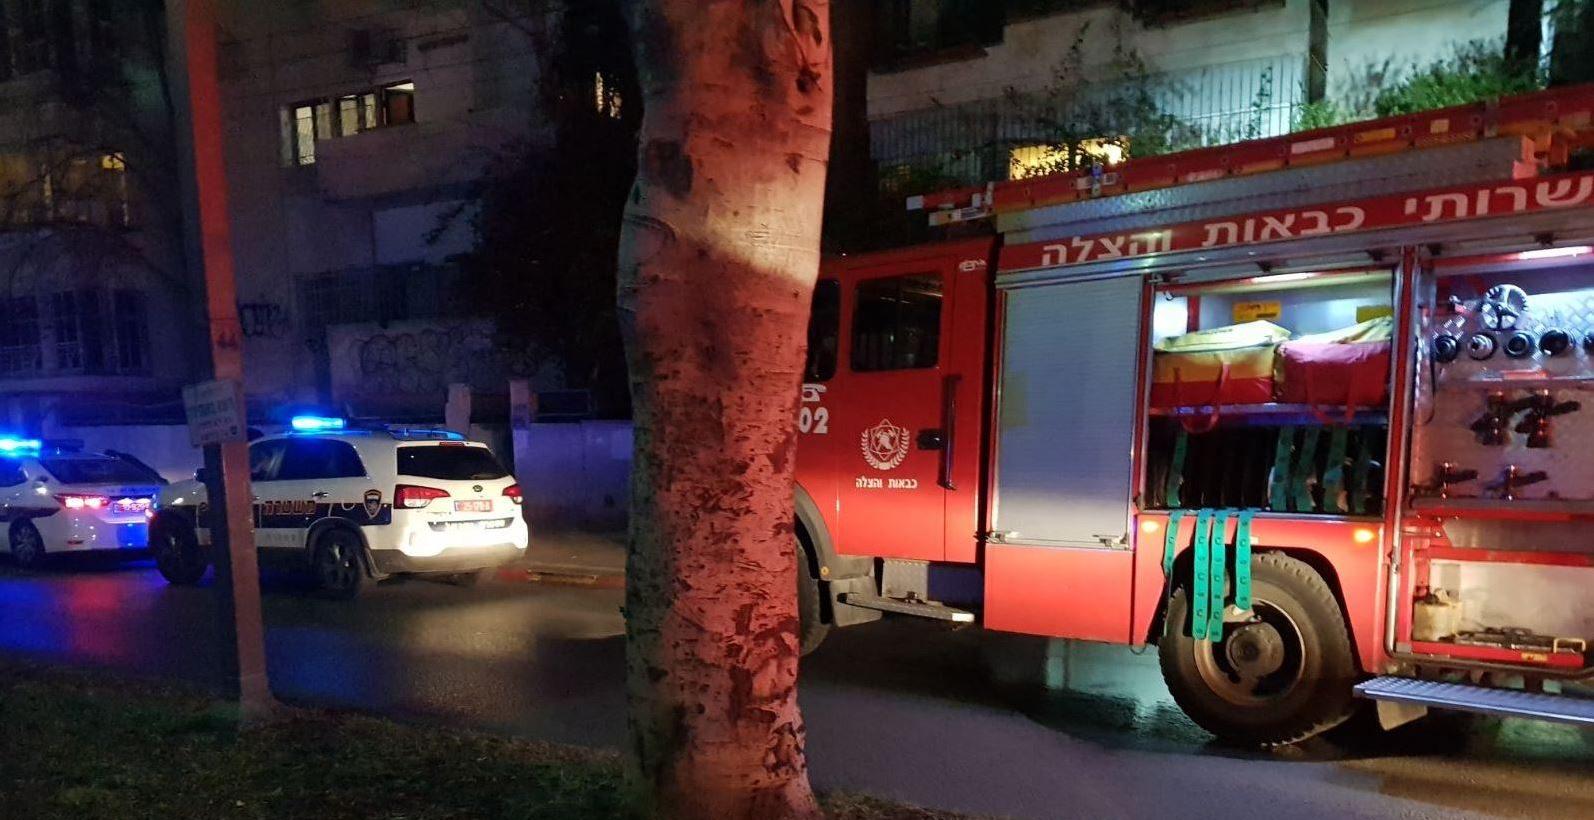 שריפה פרצה בתקרת בנק בערד – לוחמי האש פועלים לאיתור לכודים